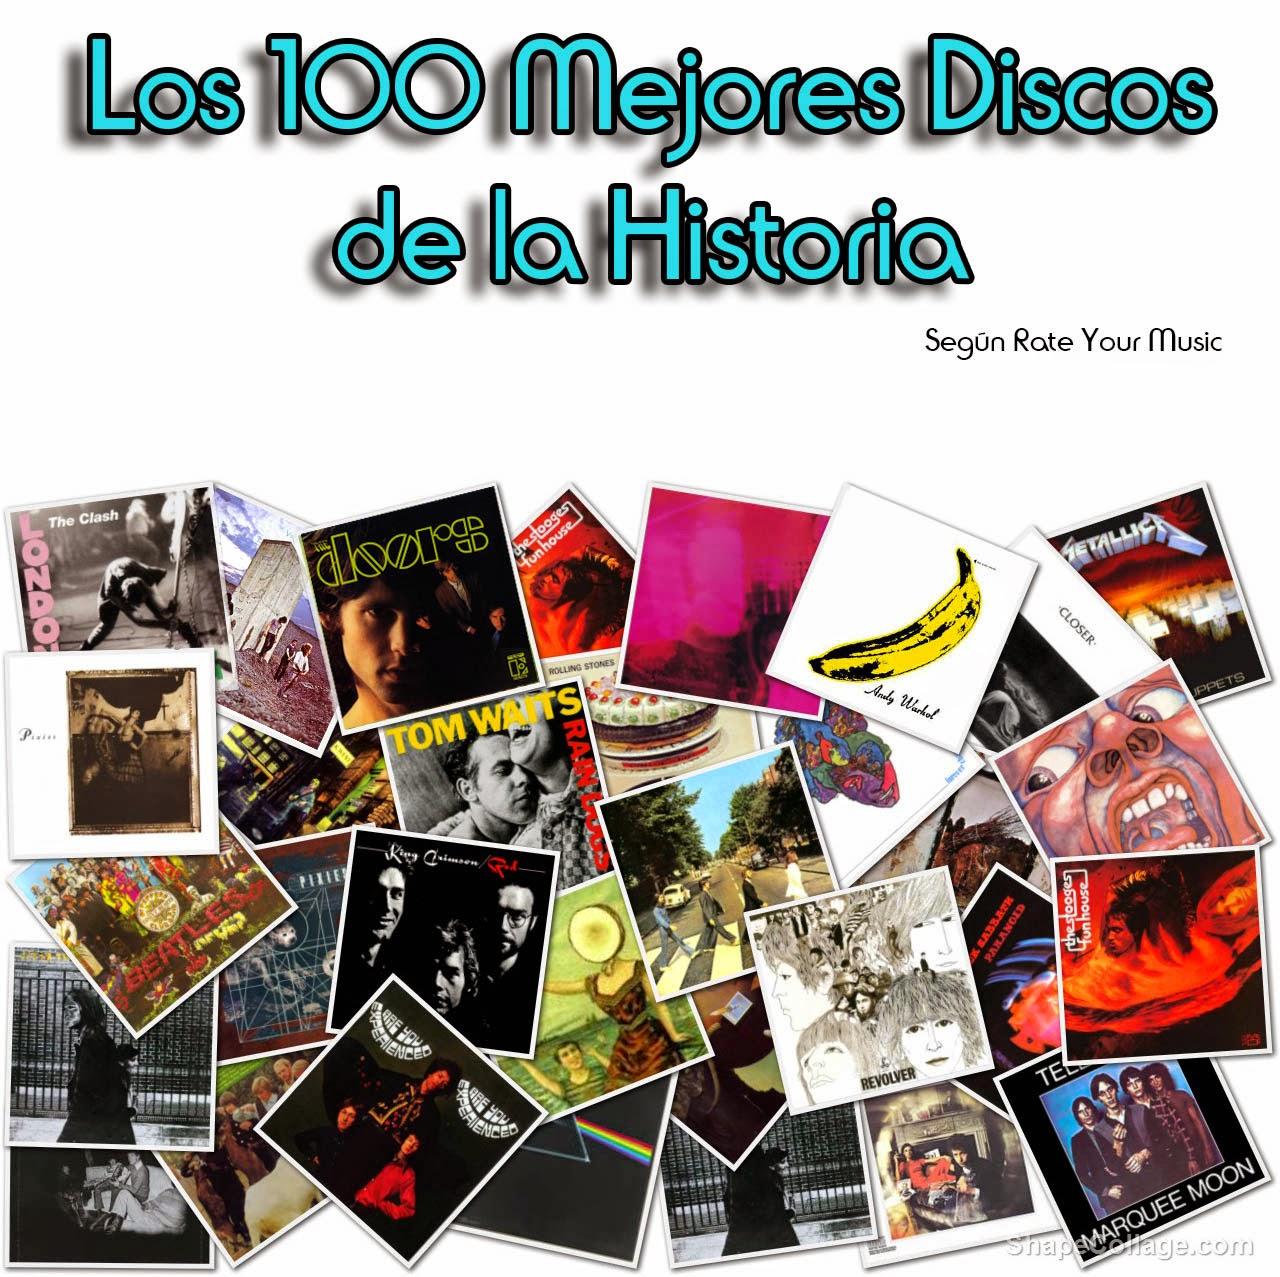 100 mejores albumes de la historia: